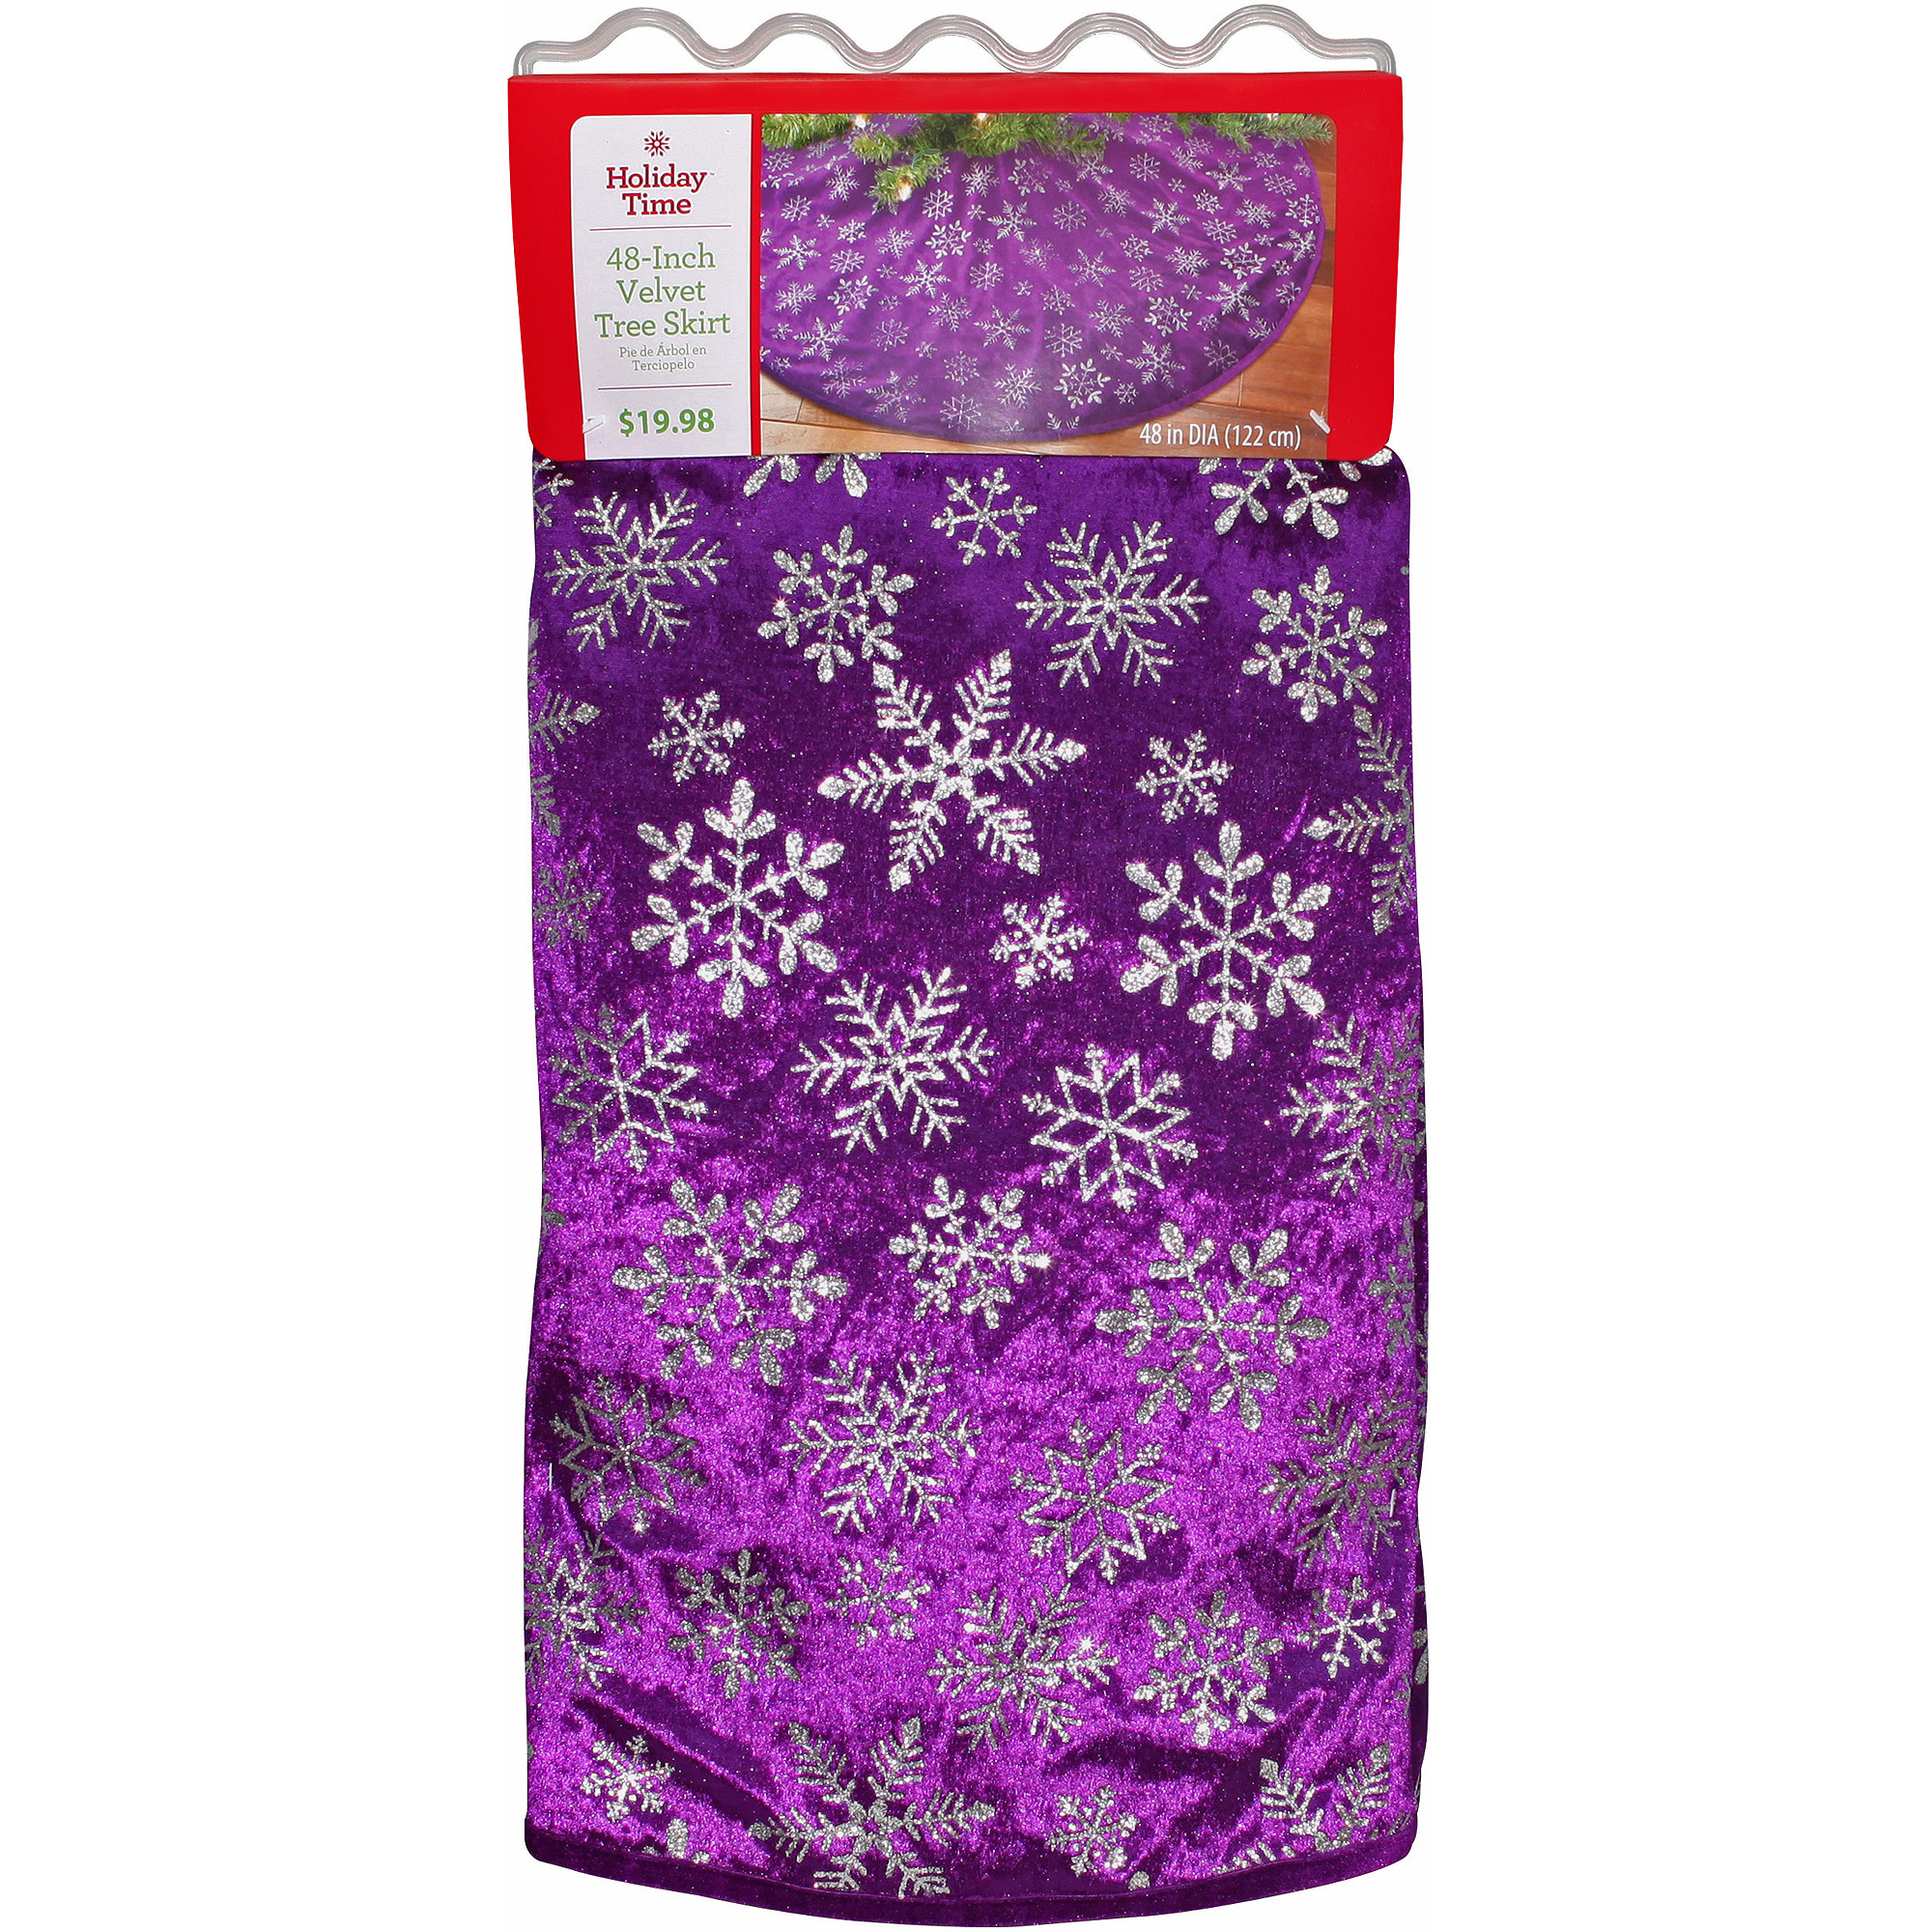 Holiday Time Christmas Decor Purple Snowflake Tree Skirt - Walmart.com